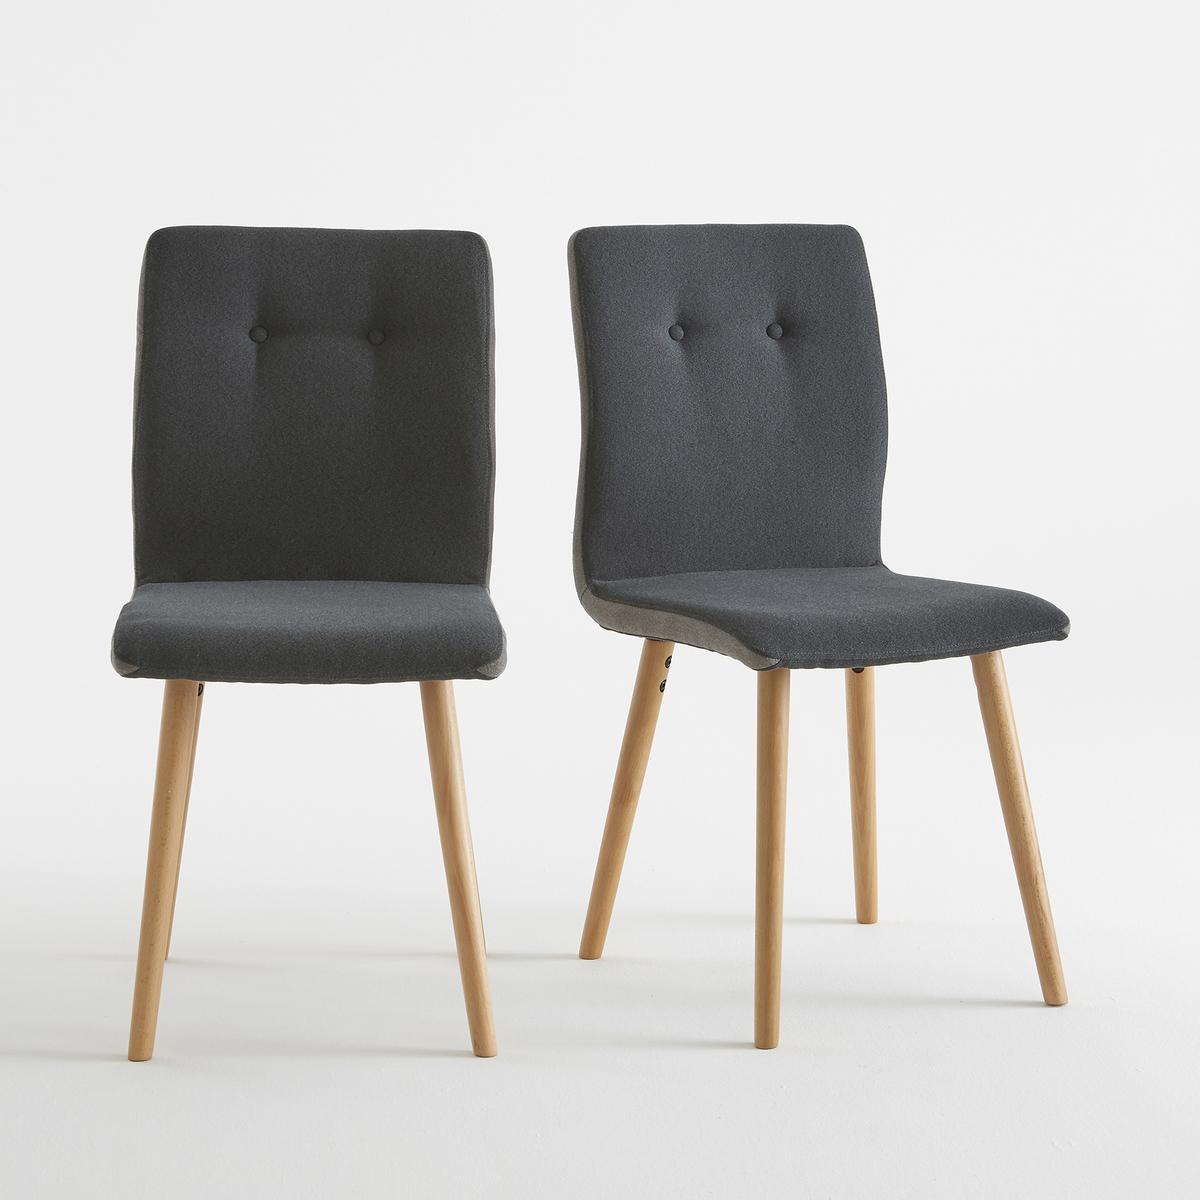 2 стула с мягкой спинкой, CRUESO2 стула с обивкой из войлока Crueso. Изящный дизайн, комфорт и выгодная цена, стулья Crueso не останутся без внимания в доме.Описание стульев Crueso :2 пуговицы пришитые вверху спинки.Отделка контрастным кантом светло-серого цвета на антрацитовом фоне по краю стула.Для оптимального качества и устойчивости рекомендуется надежно затянуть болты. Характеристики стульев Crueso :Обивка 100% полиэстера с эффектом войлока.Сиденье в форме раковины из фанеры покрытой полиуретановой пеной, 30 кг/м?.Ножки из массива бука, покрытие нитролаком.Откройте для себя другие предметы декора из коллекции Crueso на сайте laredoute.ru.Размеры 1 стула Cruseo :ОбщиеШирина : 43 см.Высота : 88,5 смГлубина : 53 смСиденье : Выс. 48 смРазмеры и вес упаковки:1 коробкаШир. 72 x Выс. 43 x Гл. 47,5 см13,5 кгДоставка :2 стула Crueso продаются готовыми к сборке . Возможна доставка до квартиры по предварительному согласованию !Внимание ! Убедитесь, что дверные, лестничные и лифтовые проемы позволяют осуществить доставку коробки таких габаритов .<br><br>Цвет: антрацит